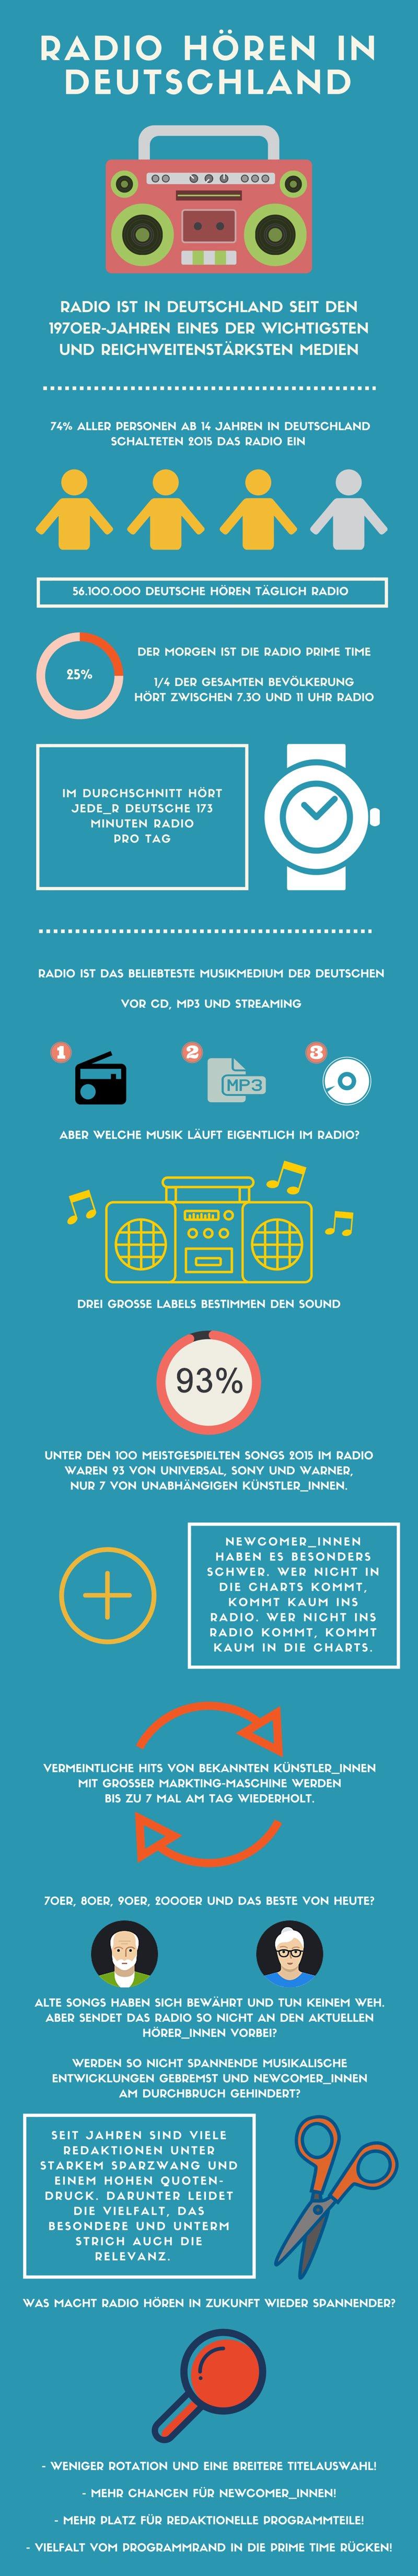 Radio_hören_in_Deutschland_Infografik